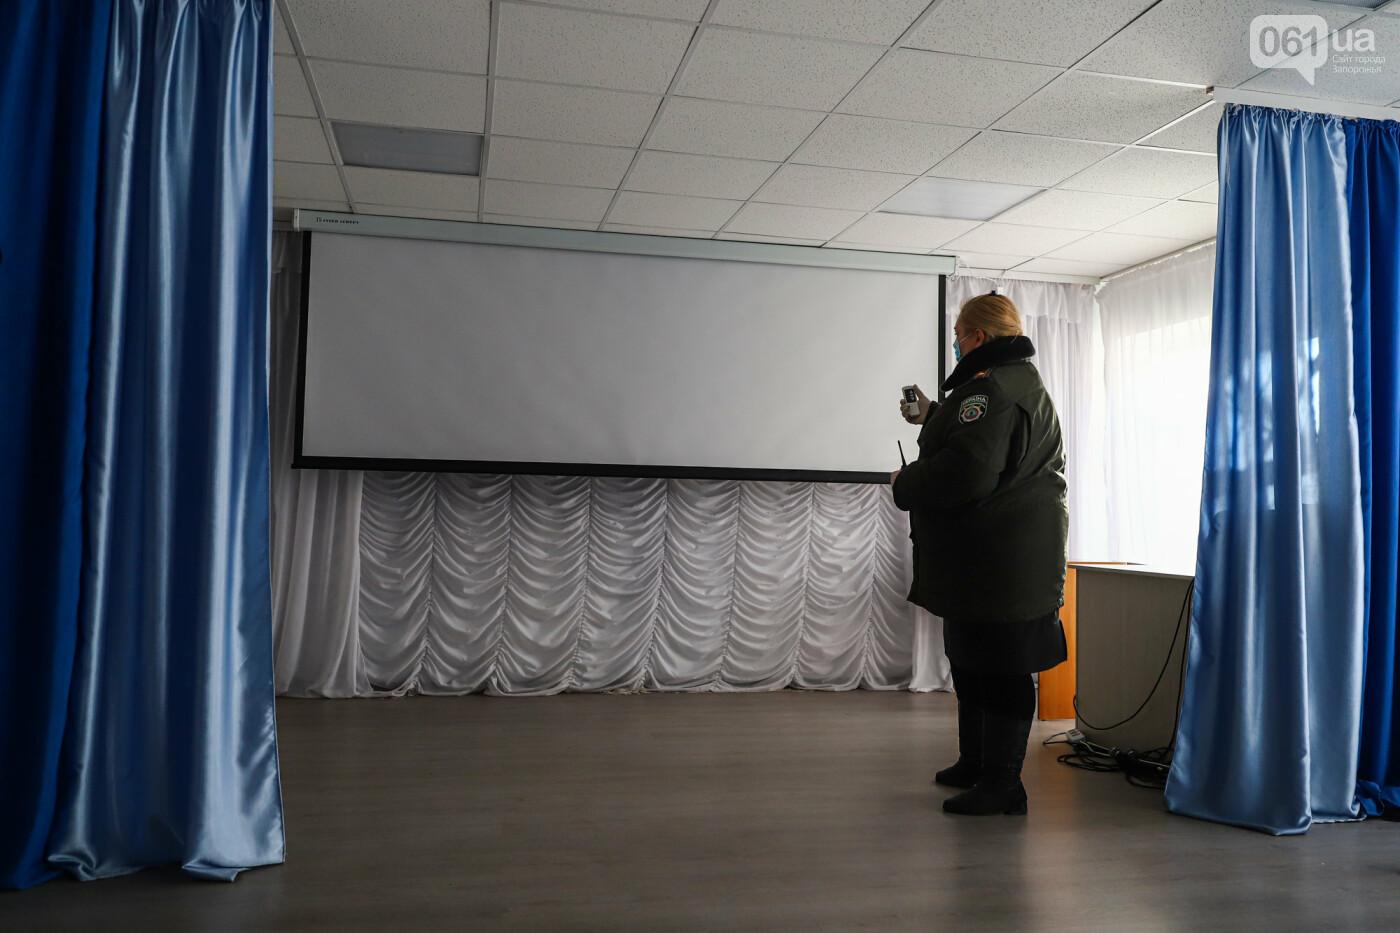 Второй шанс, свадебное платье и слезы отца: другой взгляд на женскую колонию в Запорожской области – ФОТО, фото-12